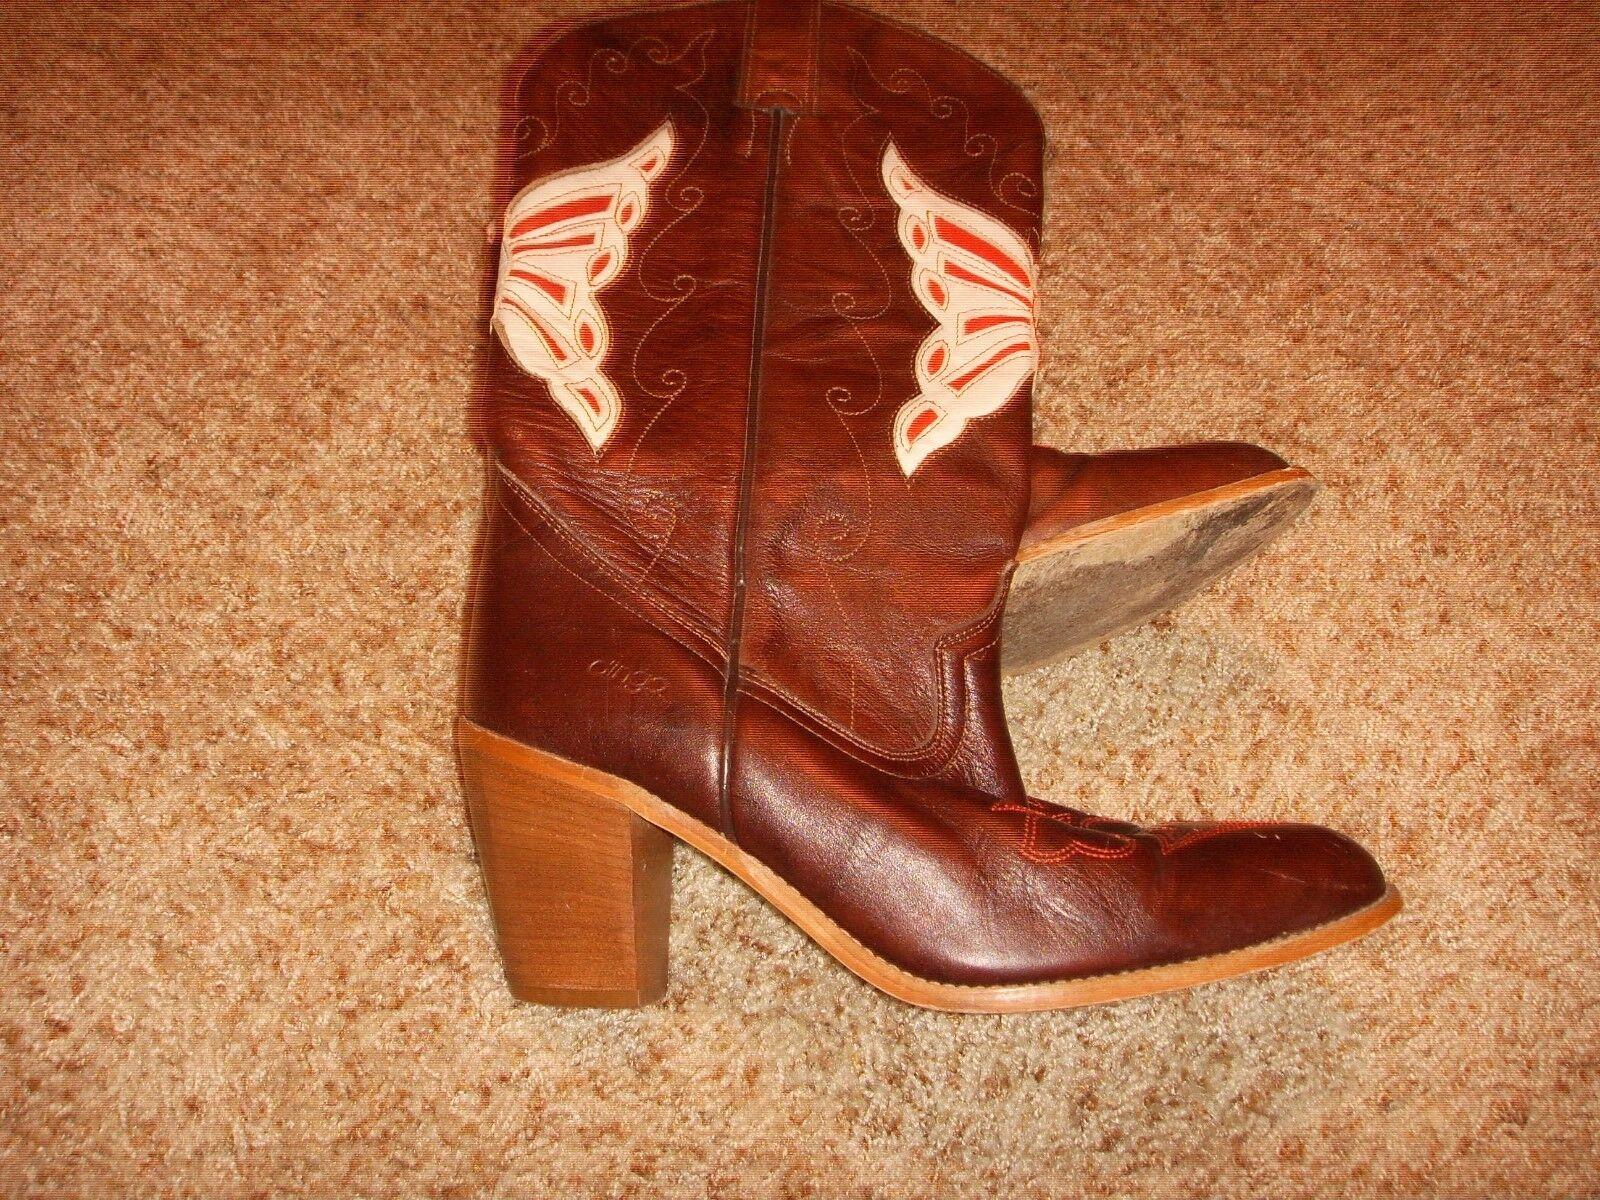 Dingo marrón botas de vaquero D1701 para mujer Talla 8M